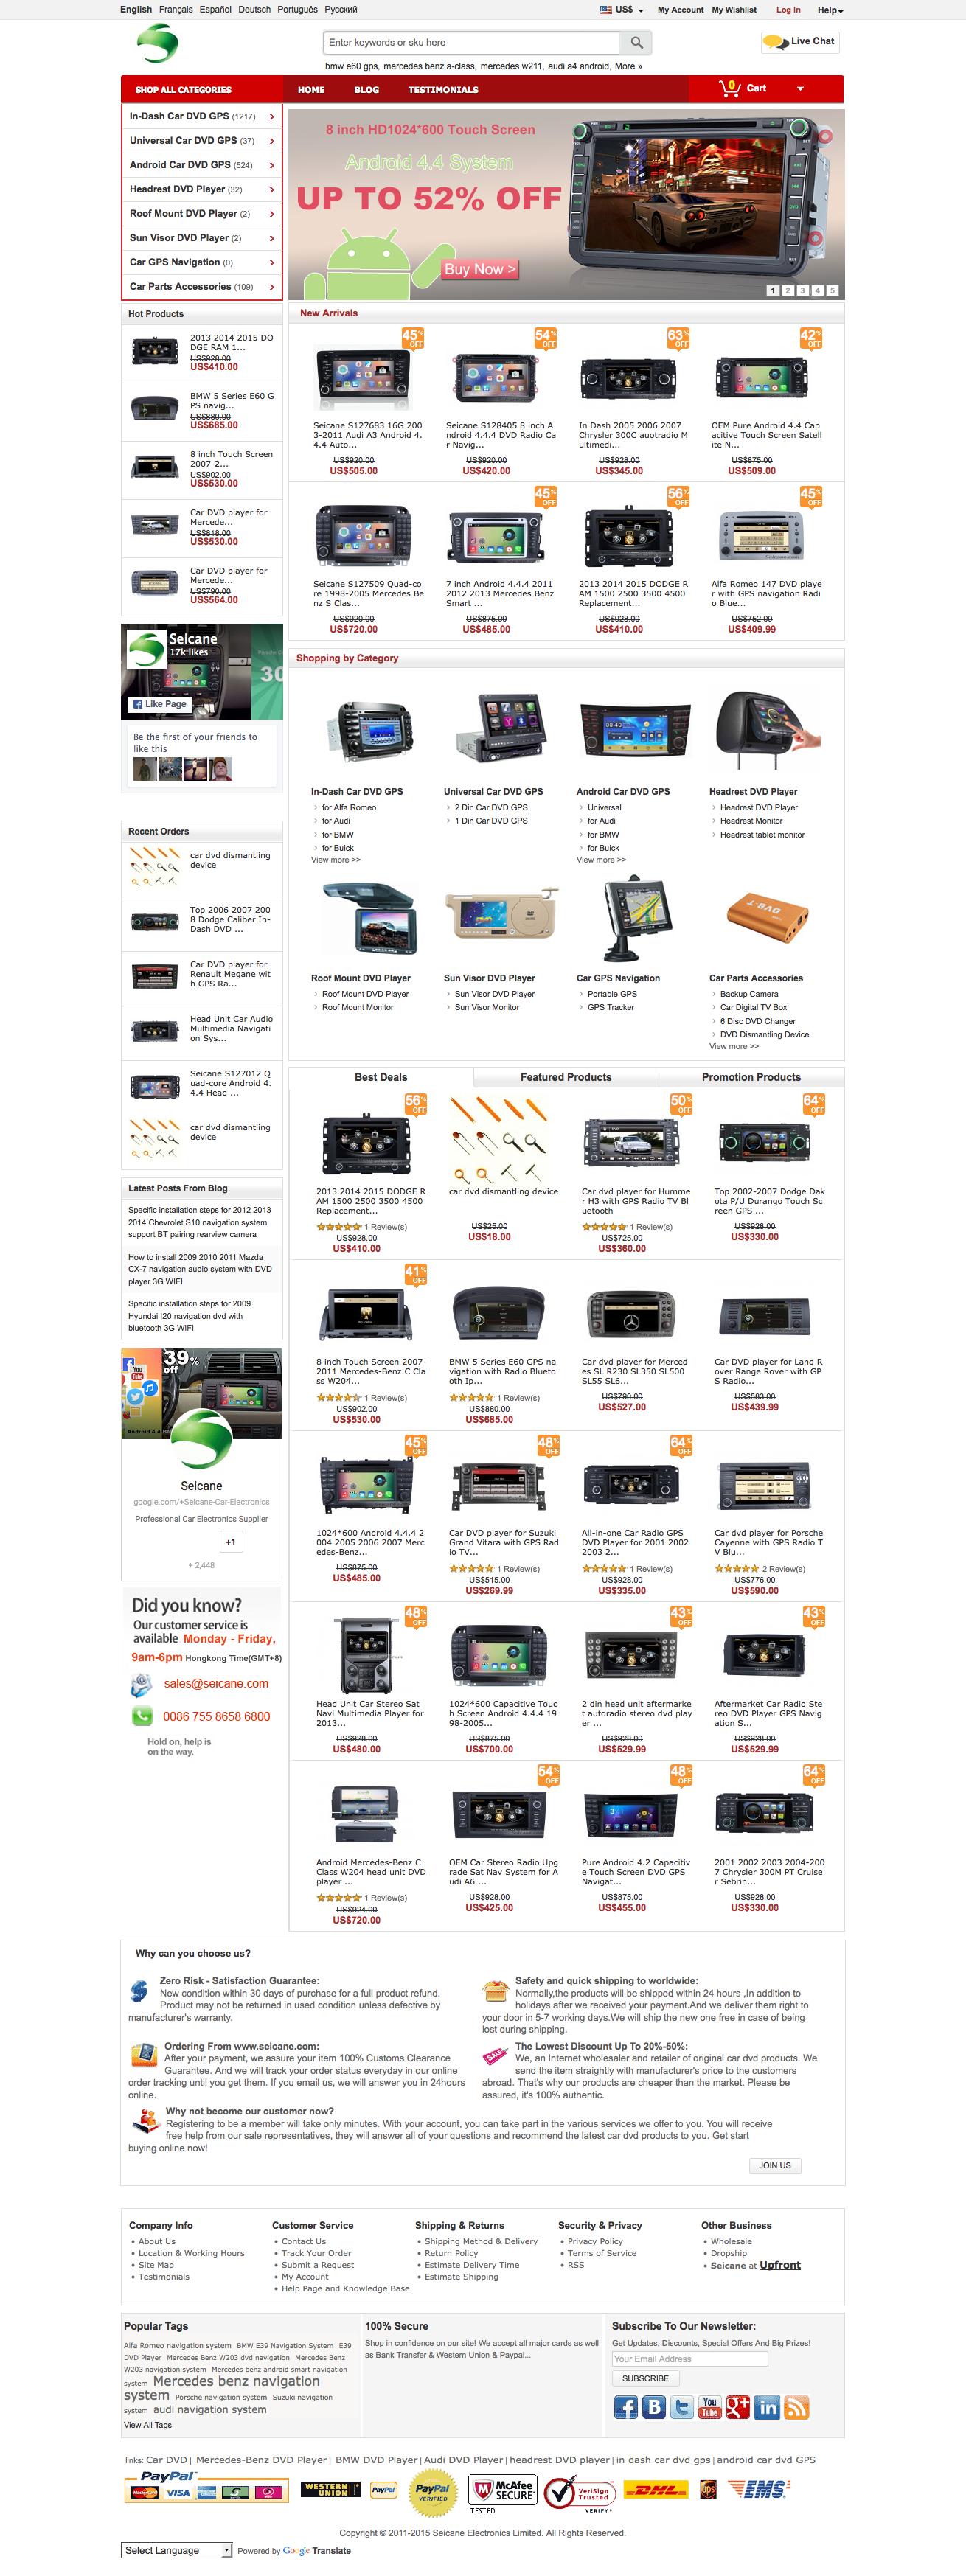 Seicane Reviews | 169 Reviews of Seicane com | ResellerRatings